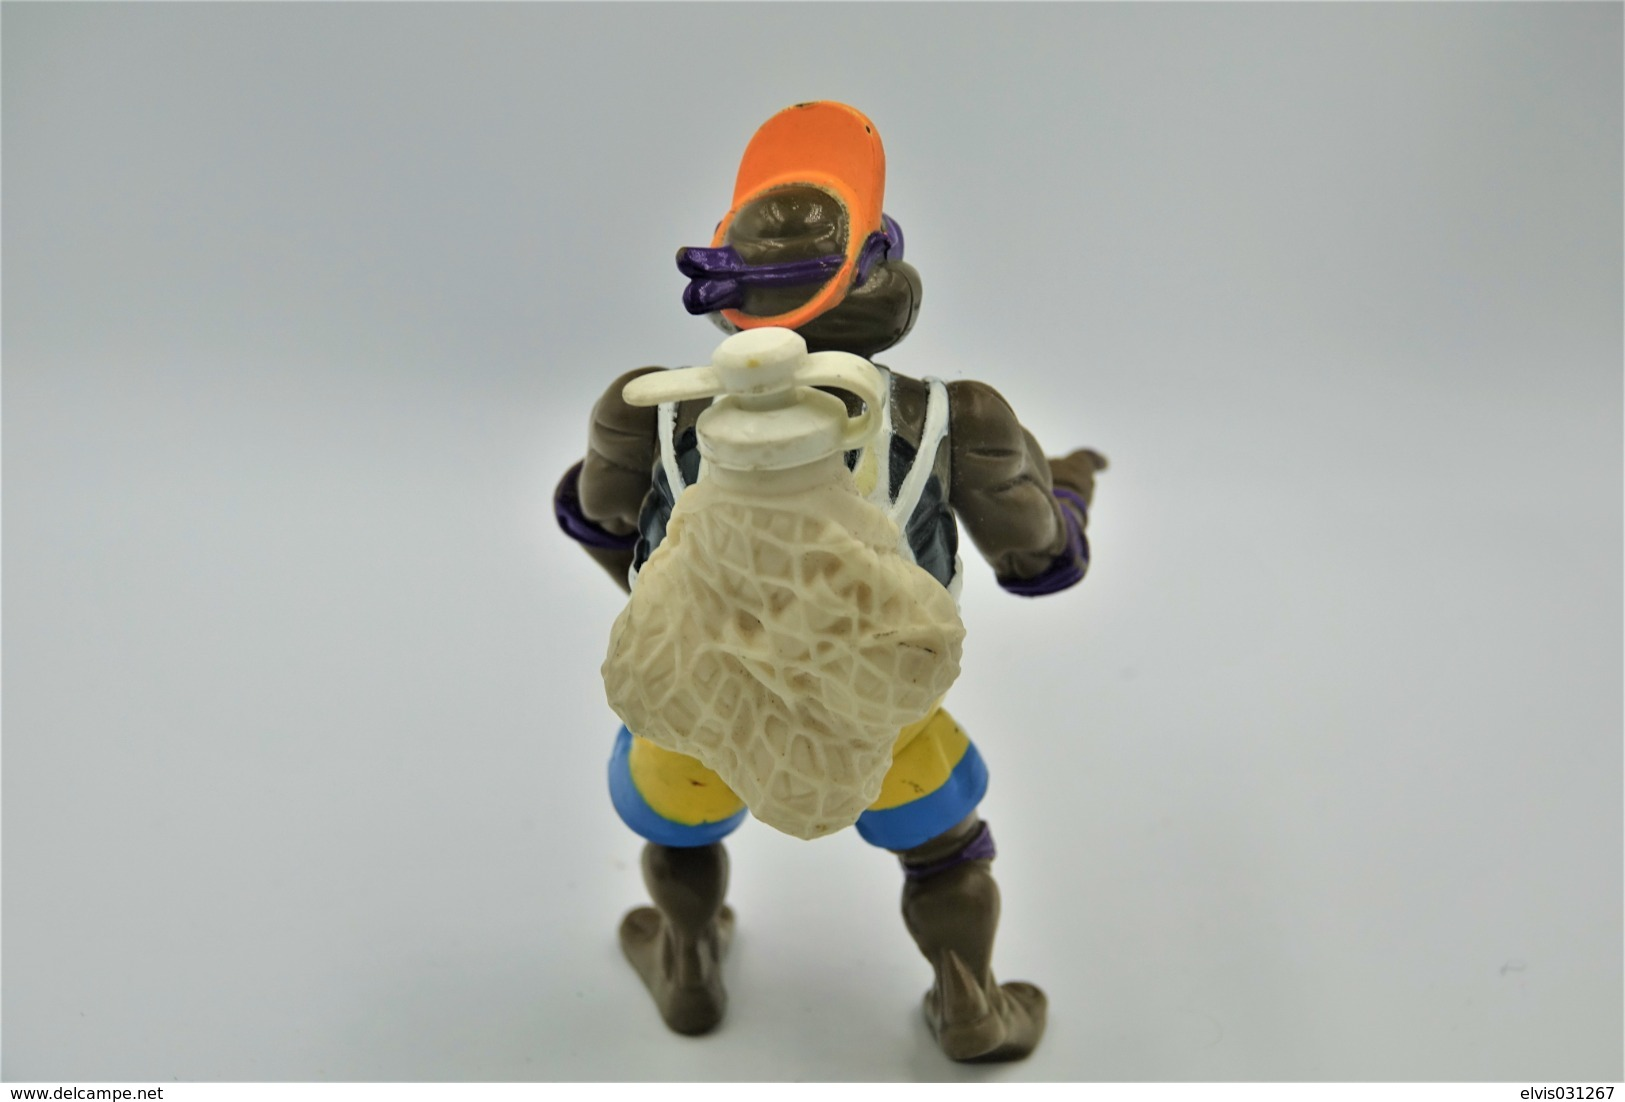 Vintage TEENAGE MUTANT NINJA TURTLE : Sewer Spitting Spike'n Volley Don Donatello -  Playmates - TNMT - 1992's - Figuur - Figurines